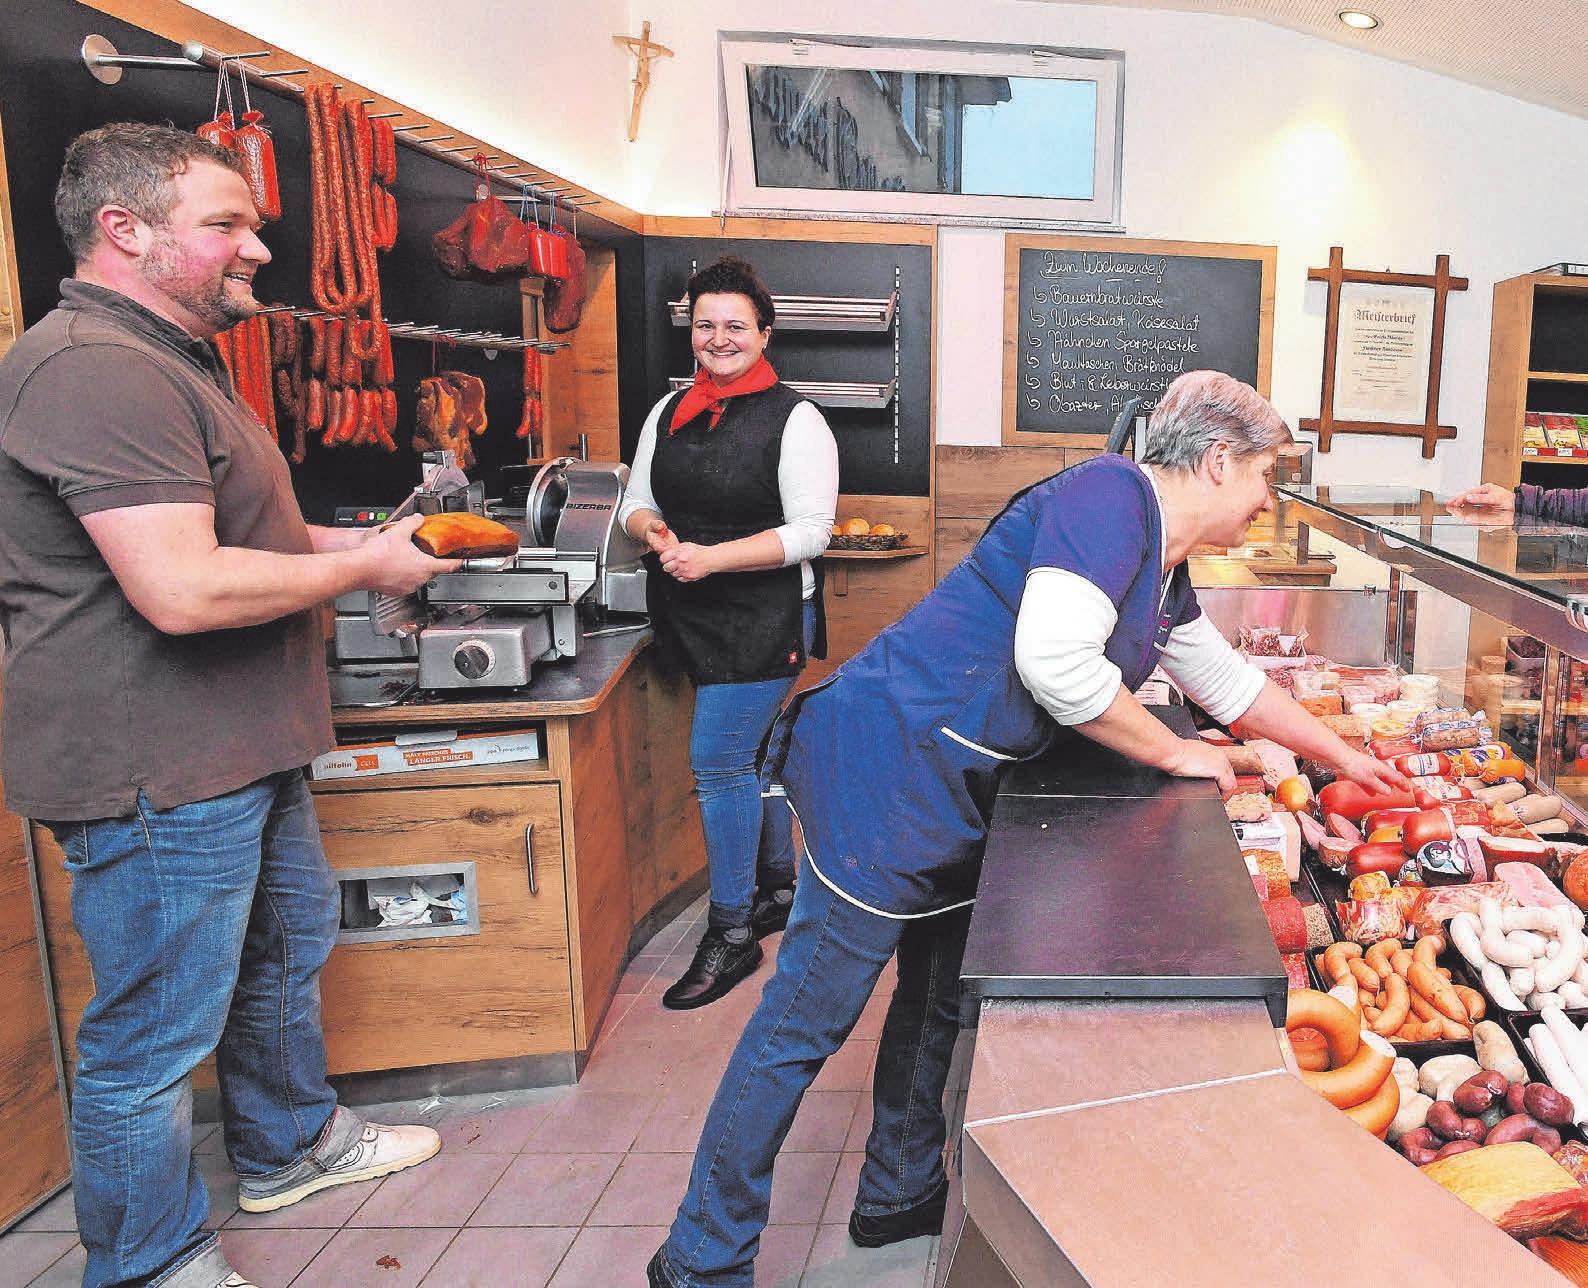 Markus Maier, seine Schwester Gabi Maier (Fleischereifachverkäuferin und Verkaufsleiterin im Fleischerhandwerk) und Mutter Josefa Maier (von links) im neuen Metzgerei-Verkaufsraum mit großer Glastheke. FOTO: BERND BAUR